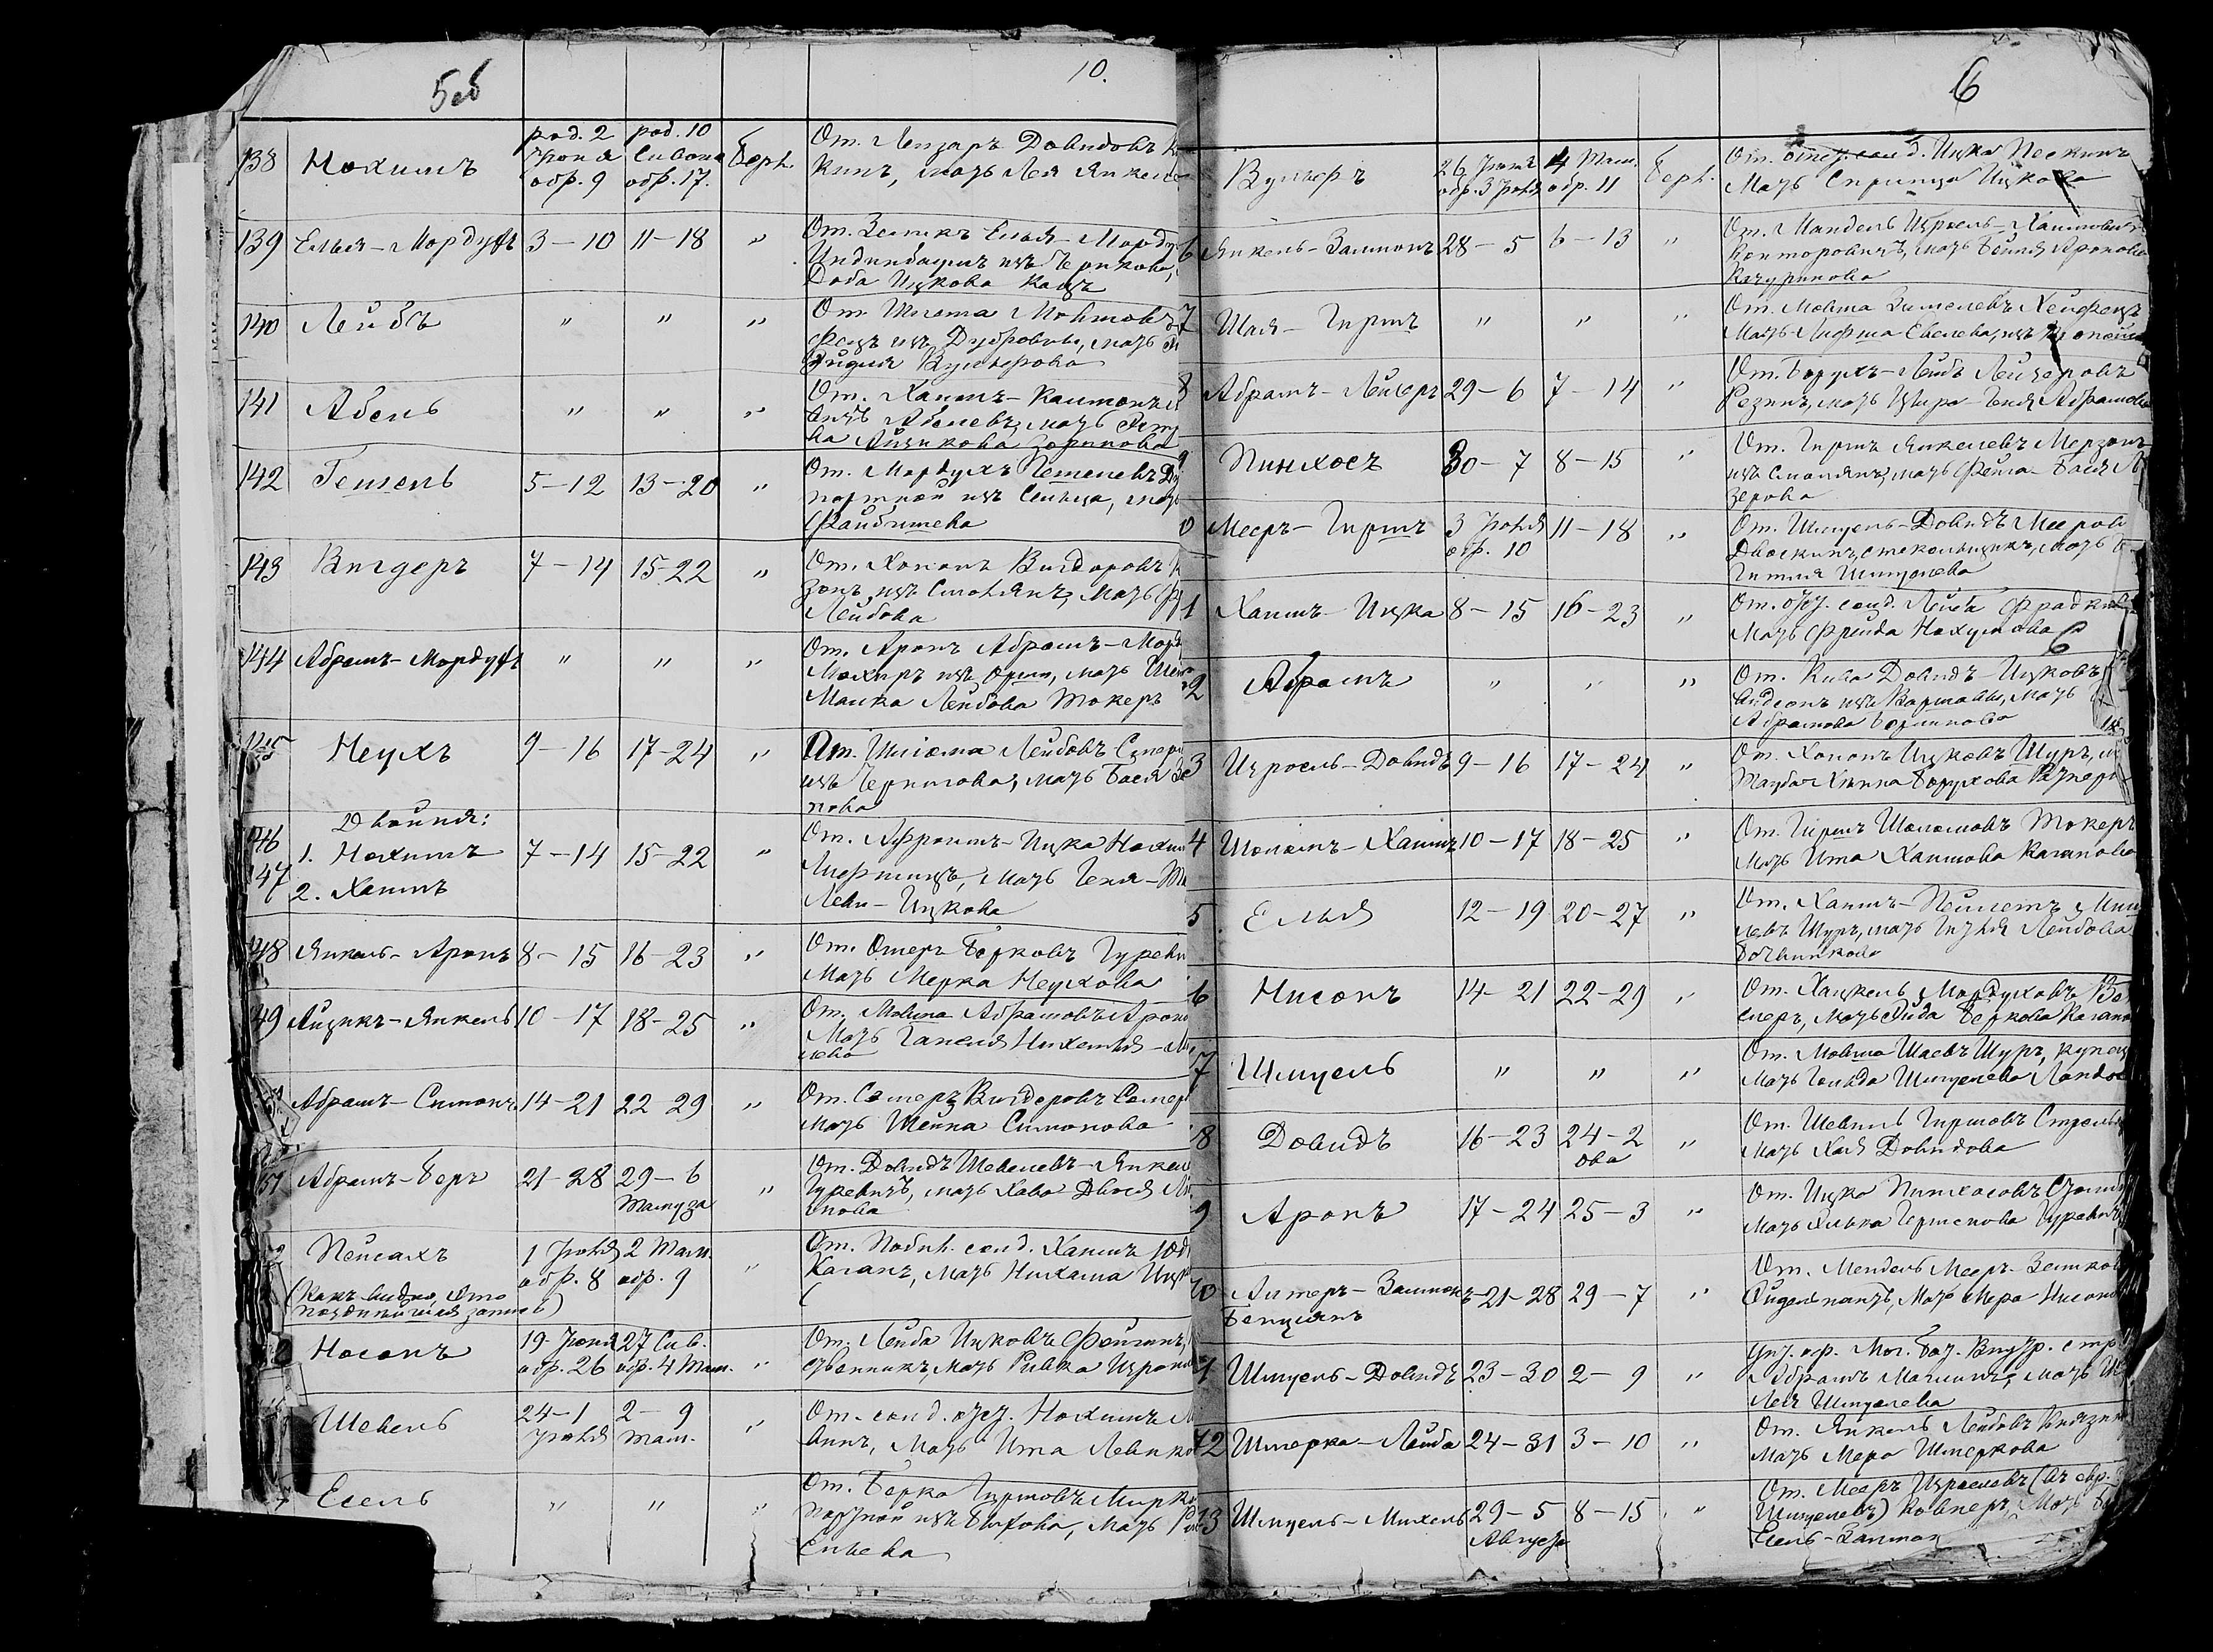 Довид Шевелевич Стрельцов 16 июля 1864, запись 168, пленка 007766483, снимок 632